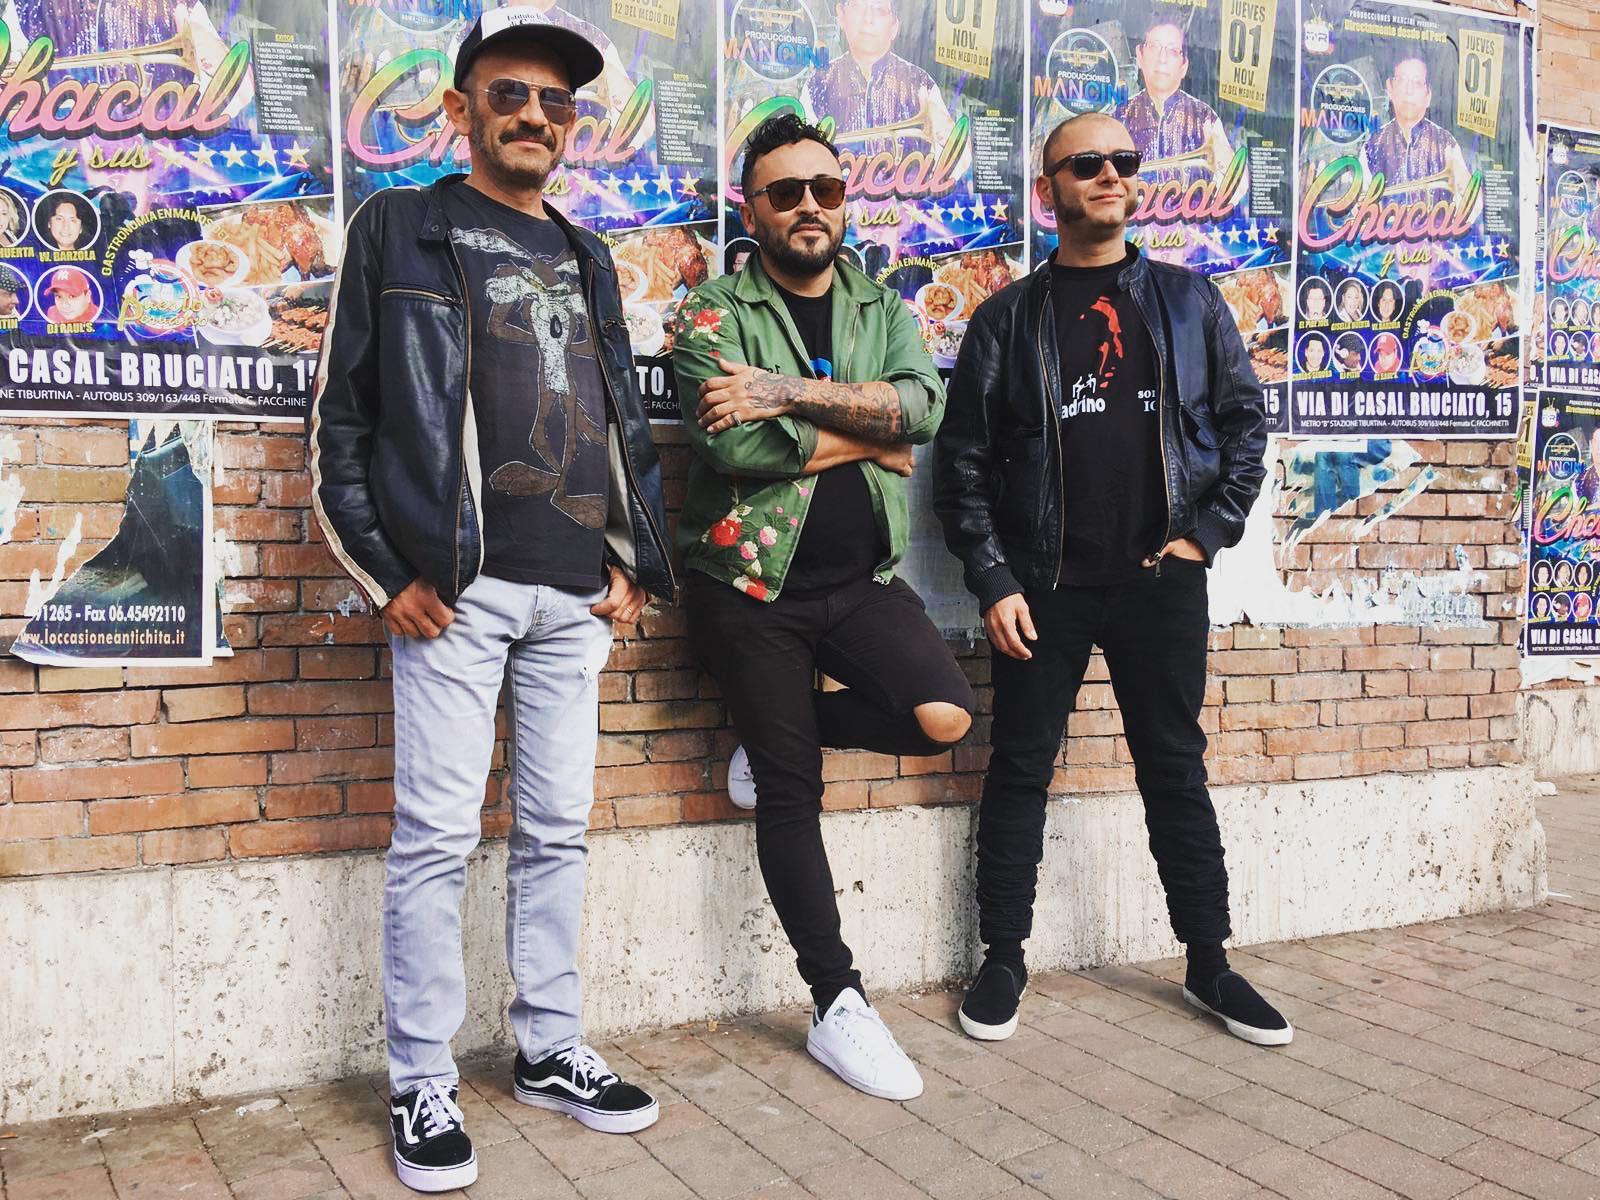 Lunatico Festival 2019